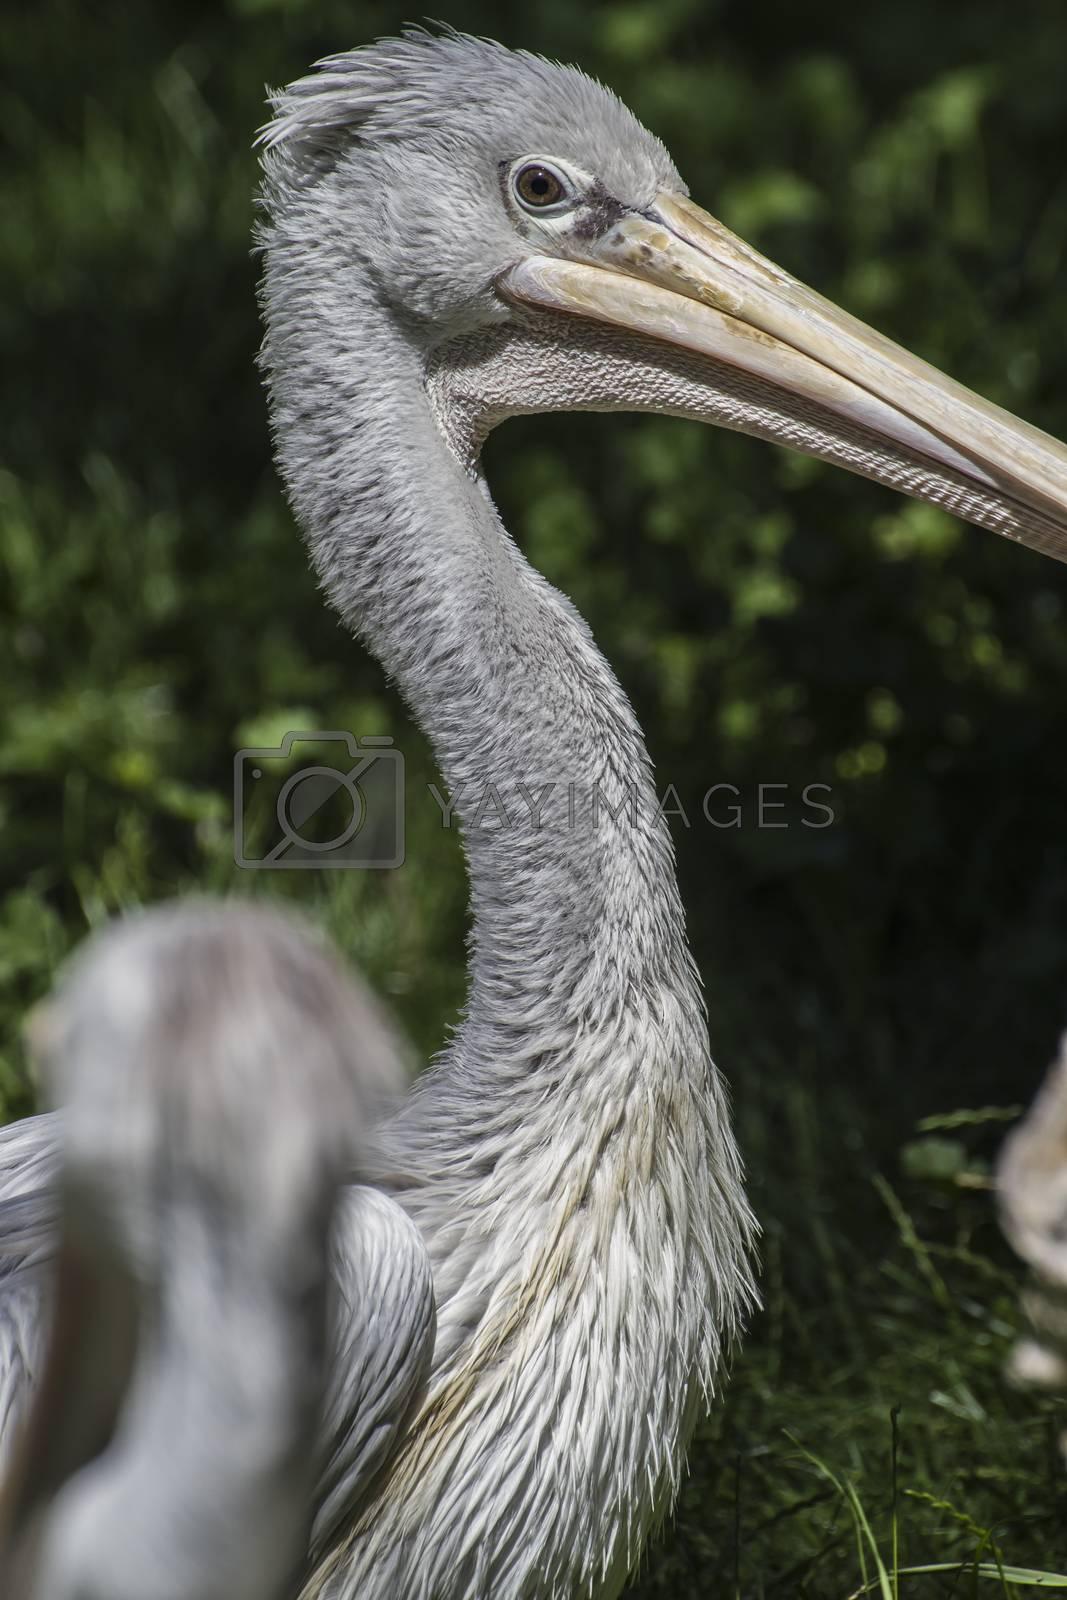 avian pelican, bird with huge beak